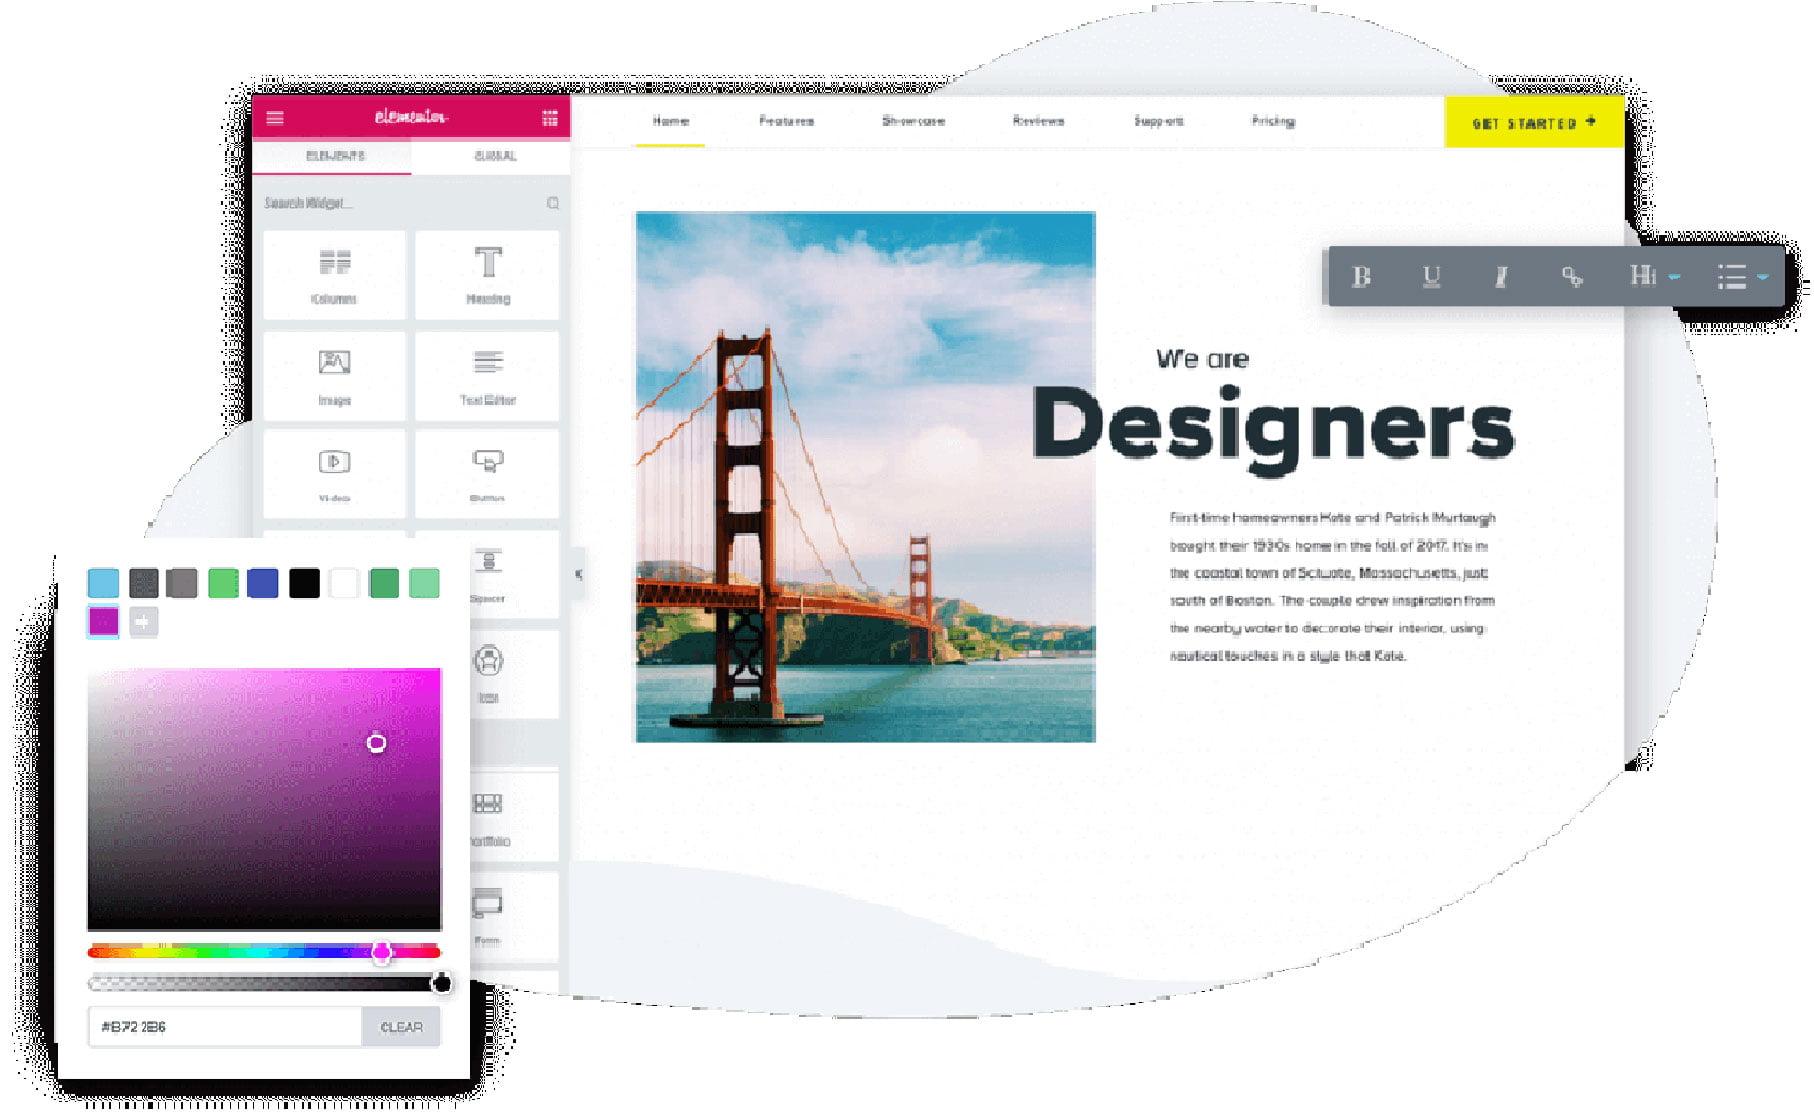 Page builder plugin: Elementor